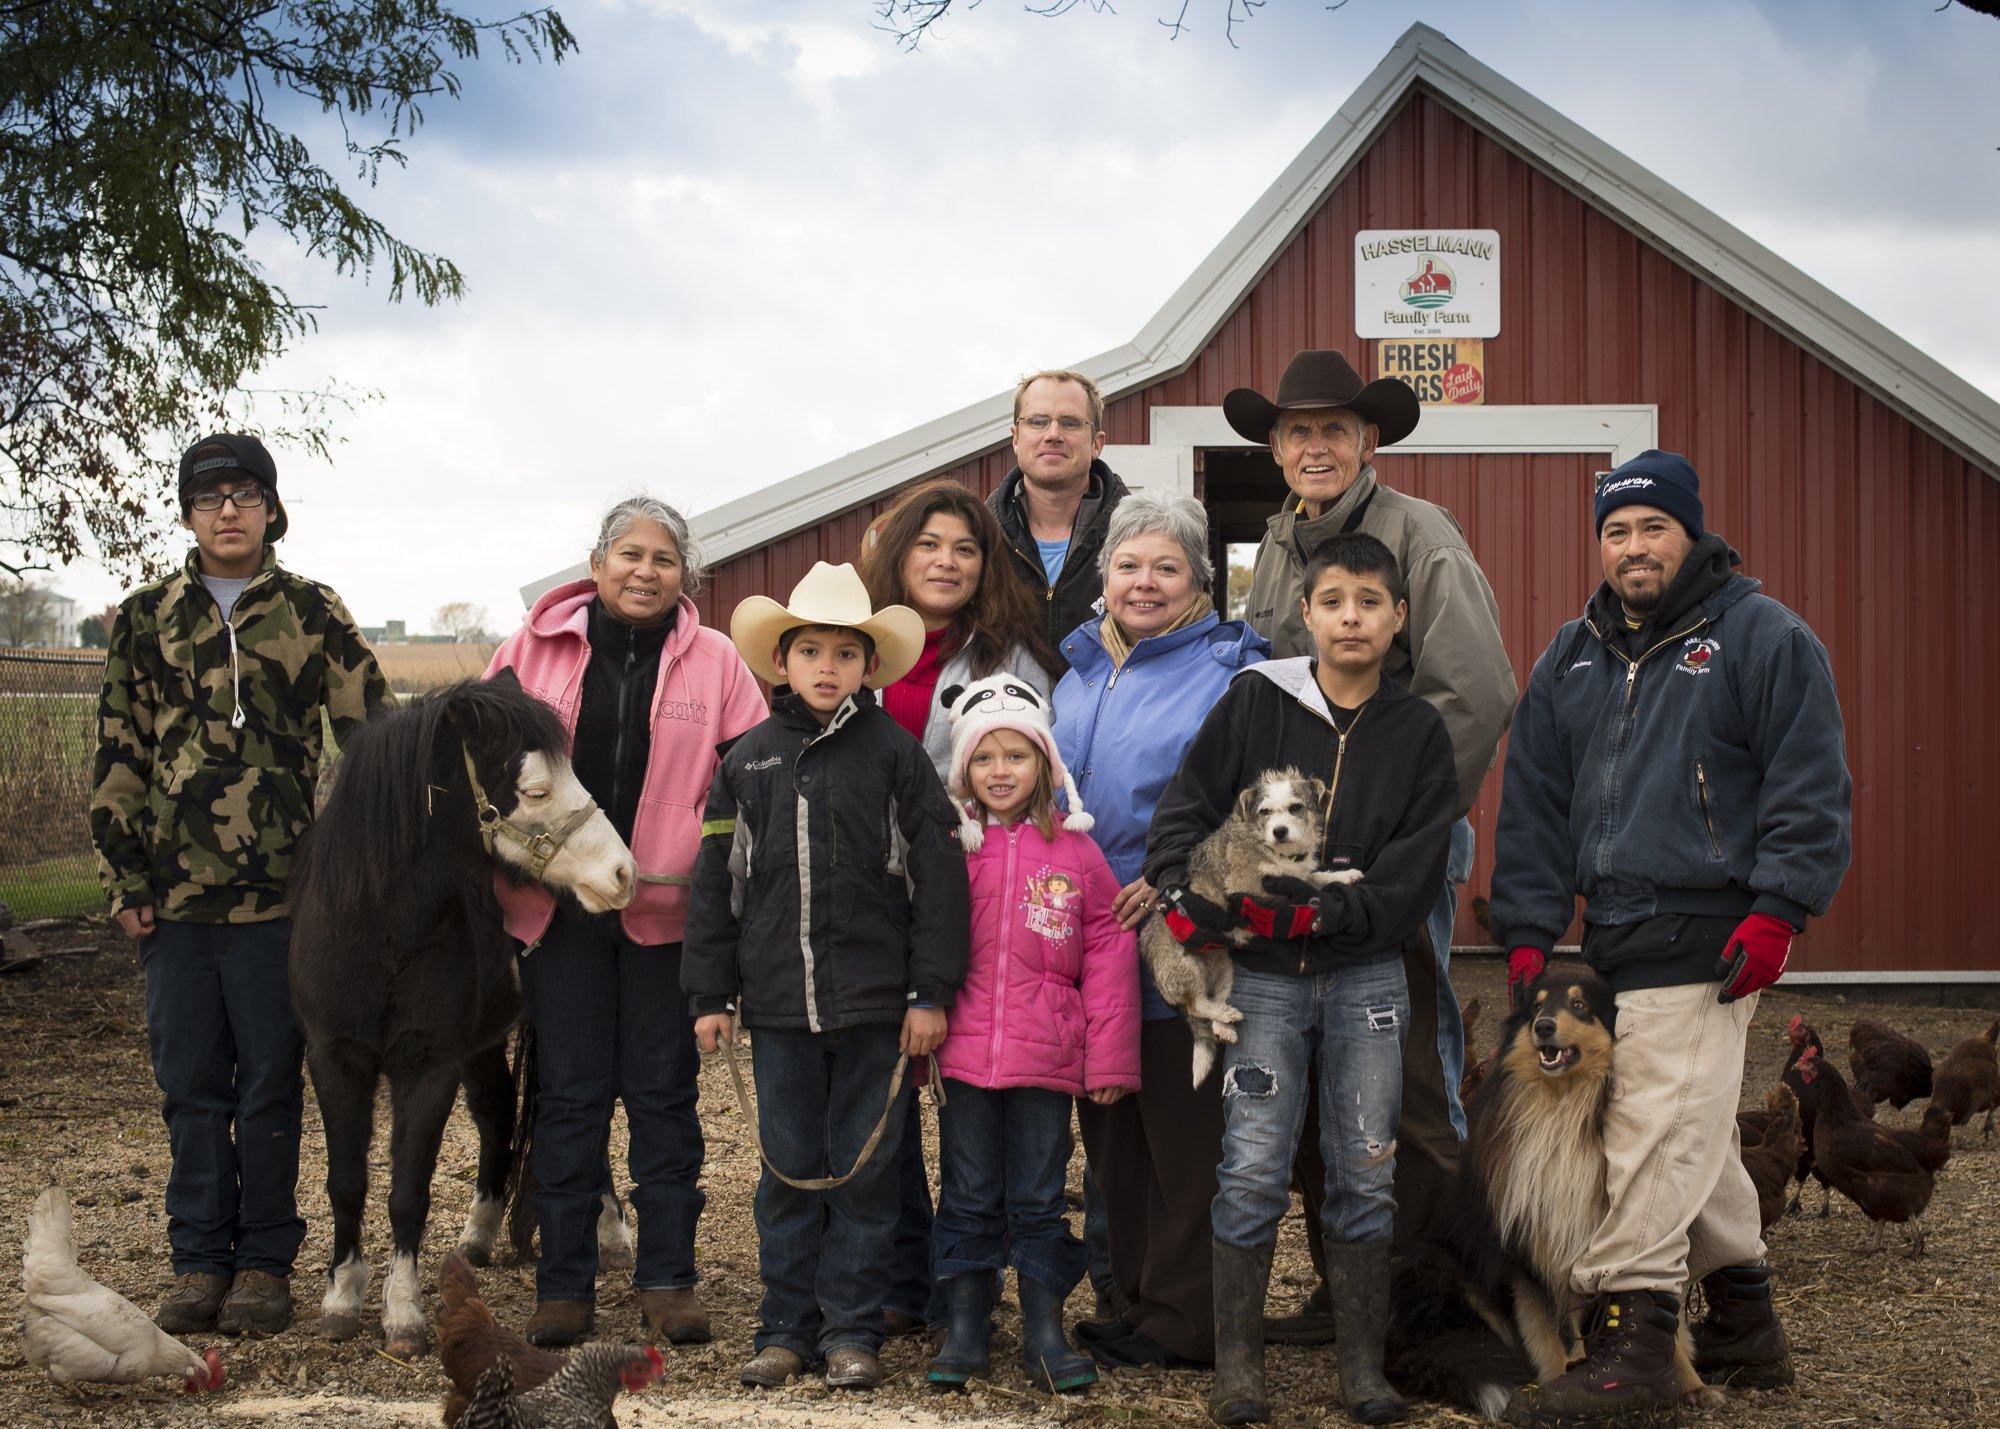 Family farm near Chicago- About Hasselmann Family Farm ...  Family farm nea...